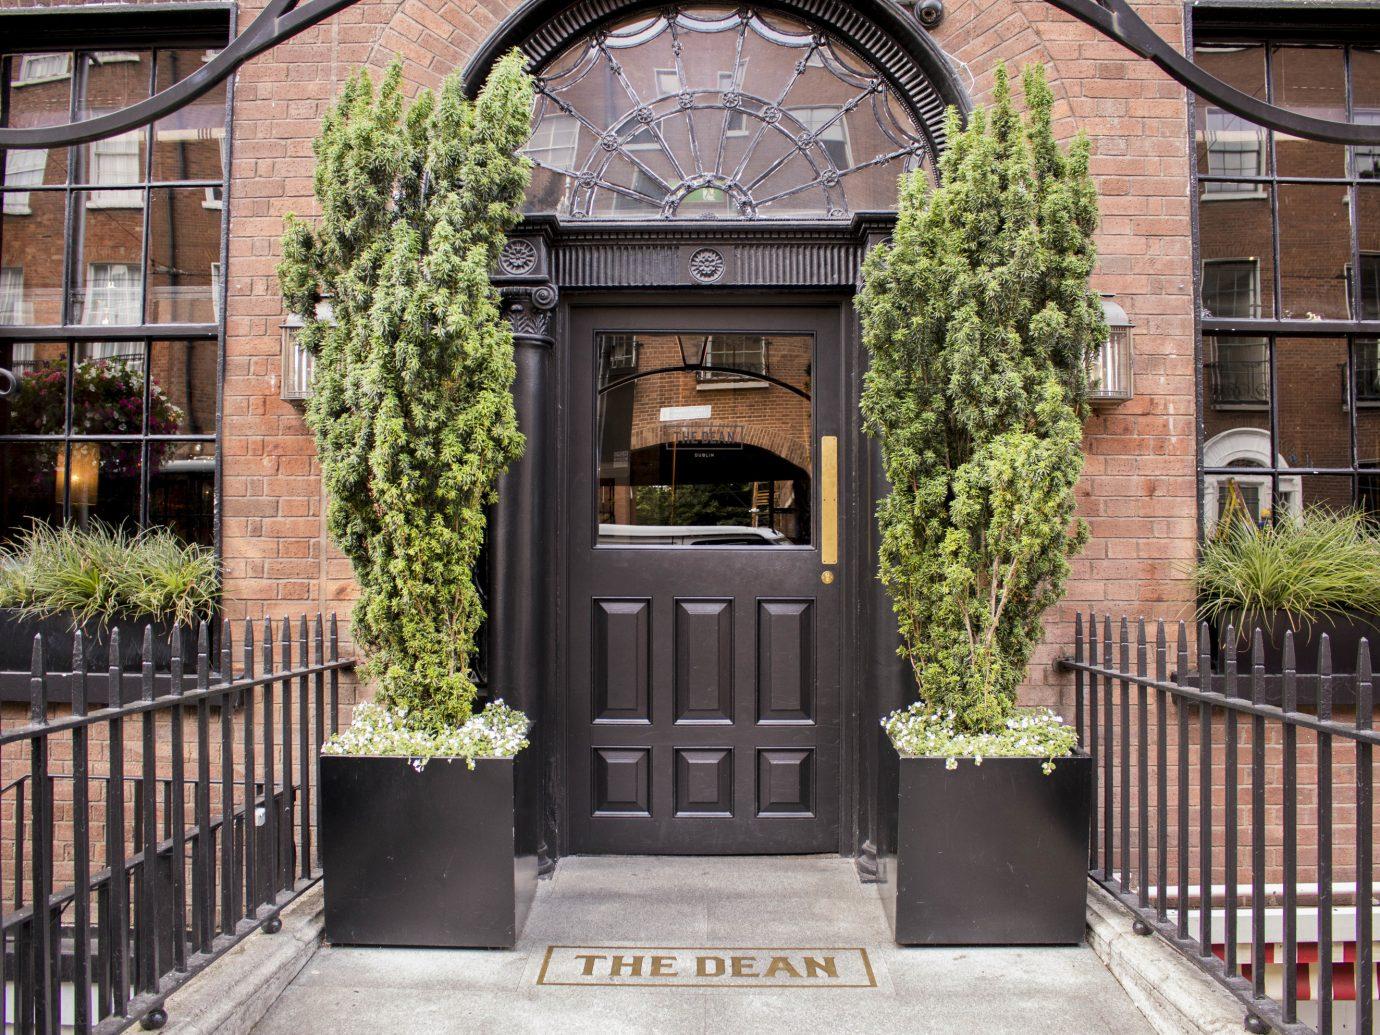 Dublin Hotels Ireland outdoor building iron gate door facade house Courtyard Garden